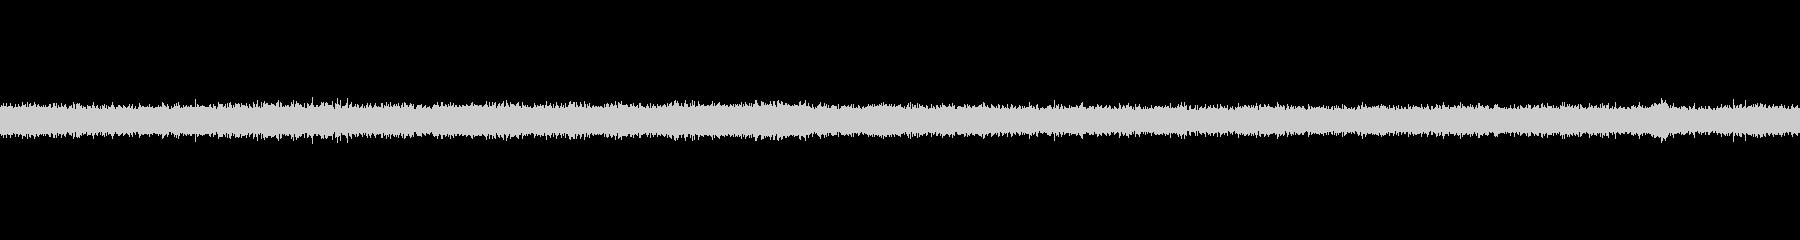 虫の鳴き声2の未再生の波形